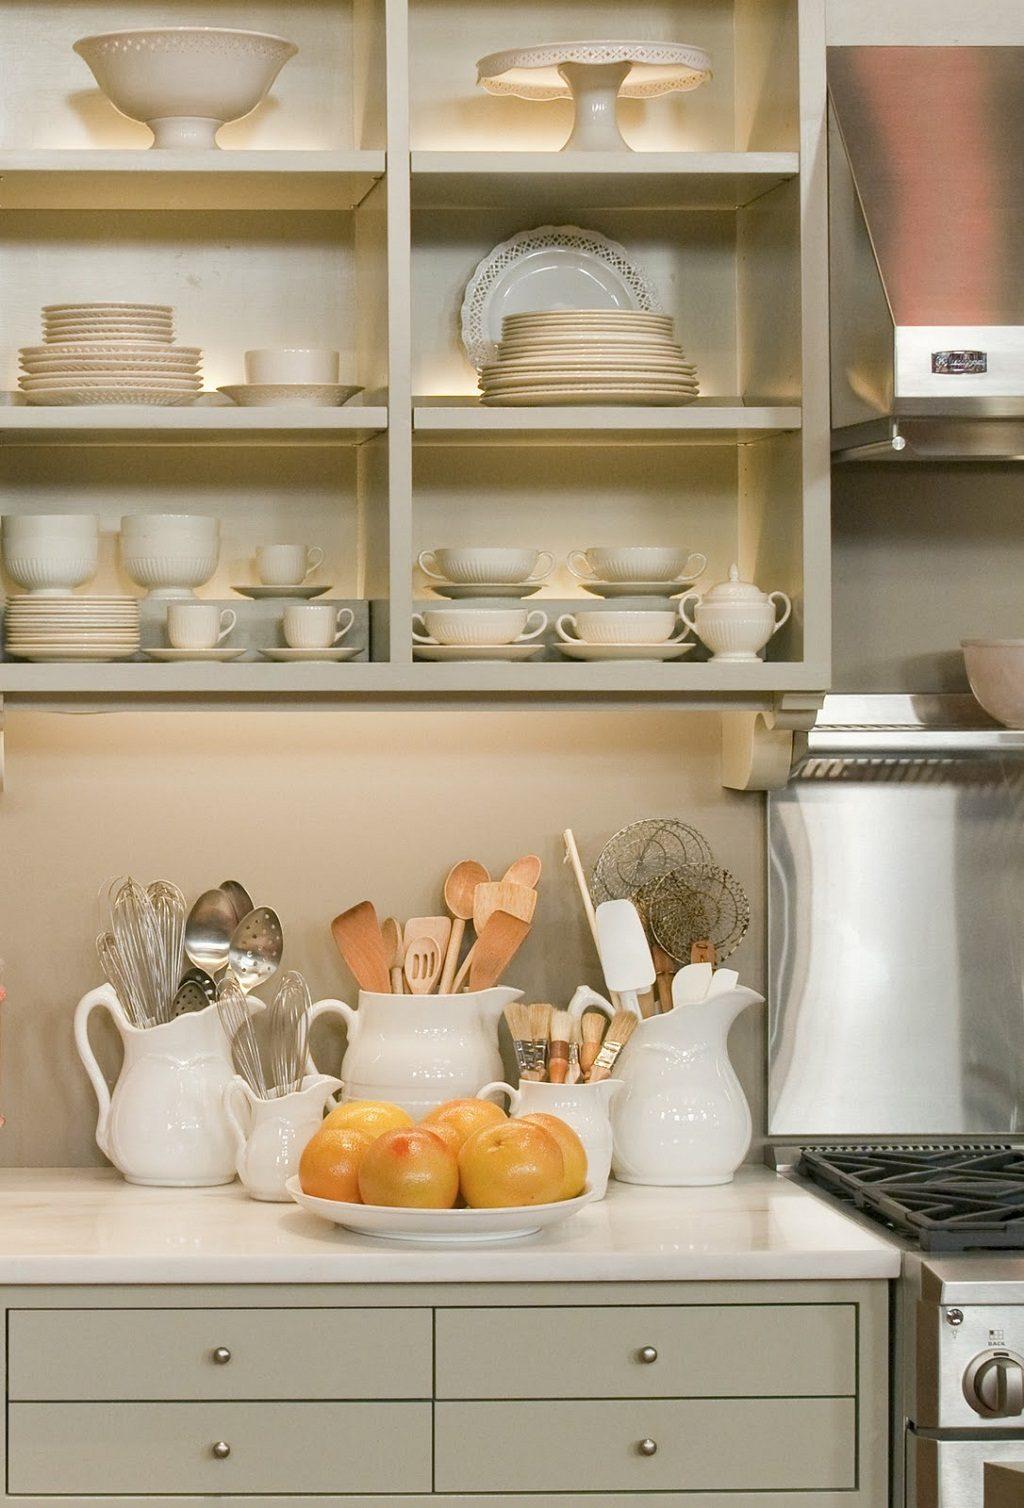 10 xu hướng thiết kế phòng bếp đẹp ấn tượng và mới nhất - 18